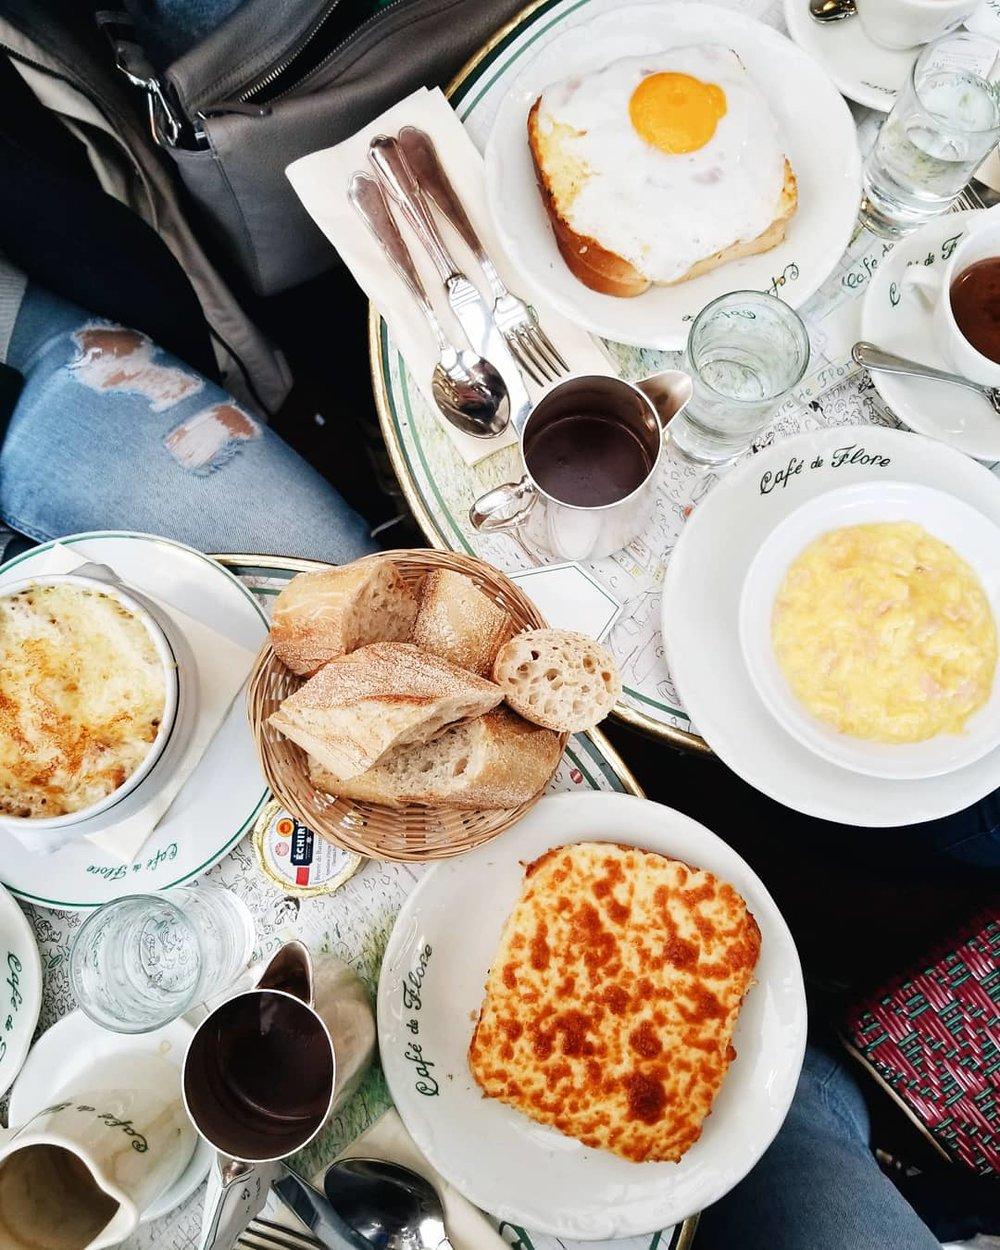 postcards-from-paris-cafe-de-flore.jpg